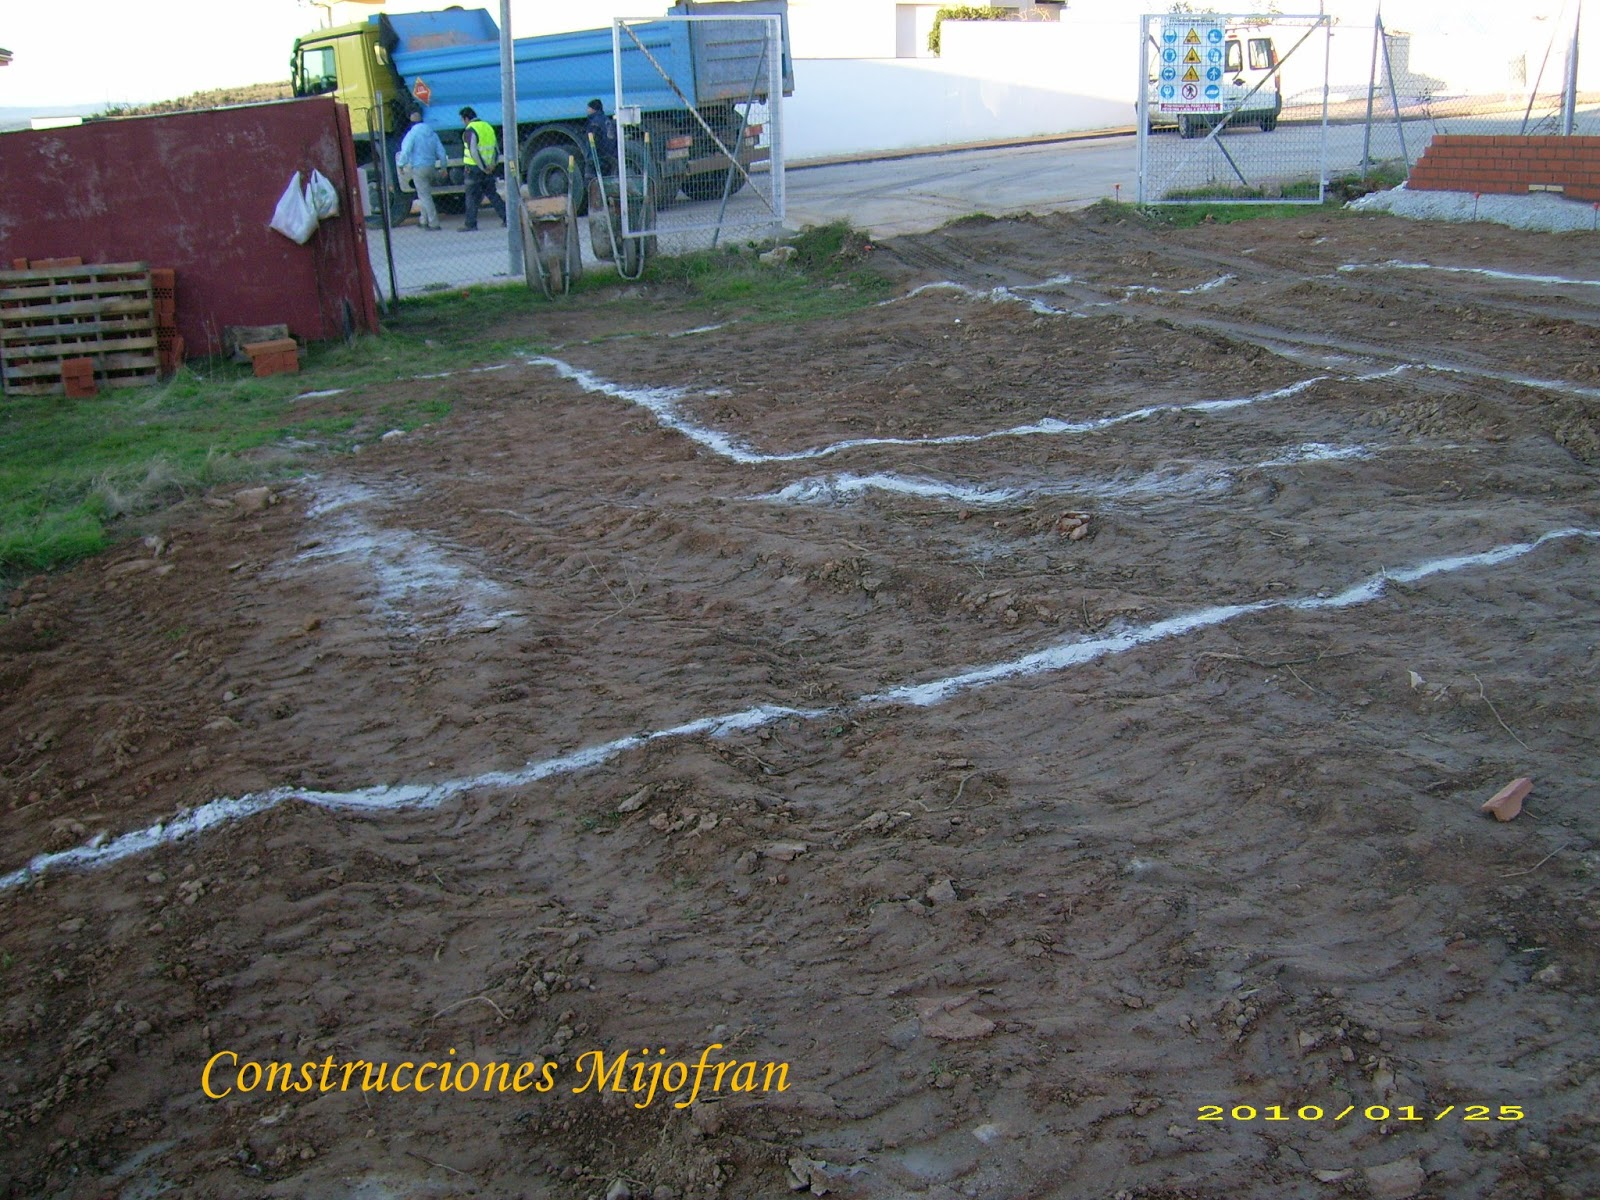 construcciones mijofran s l proceso construcci n